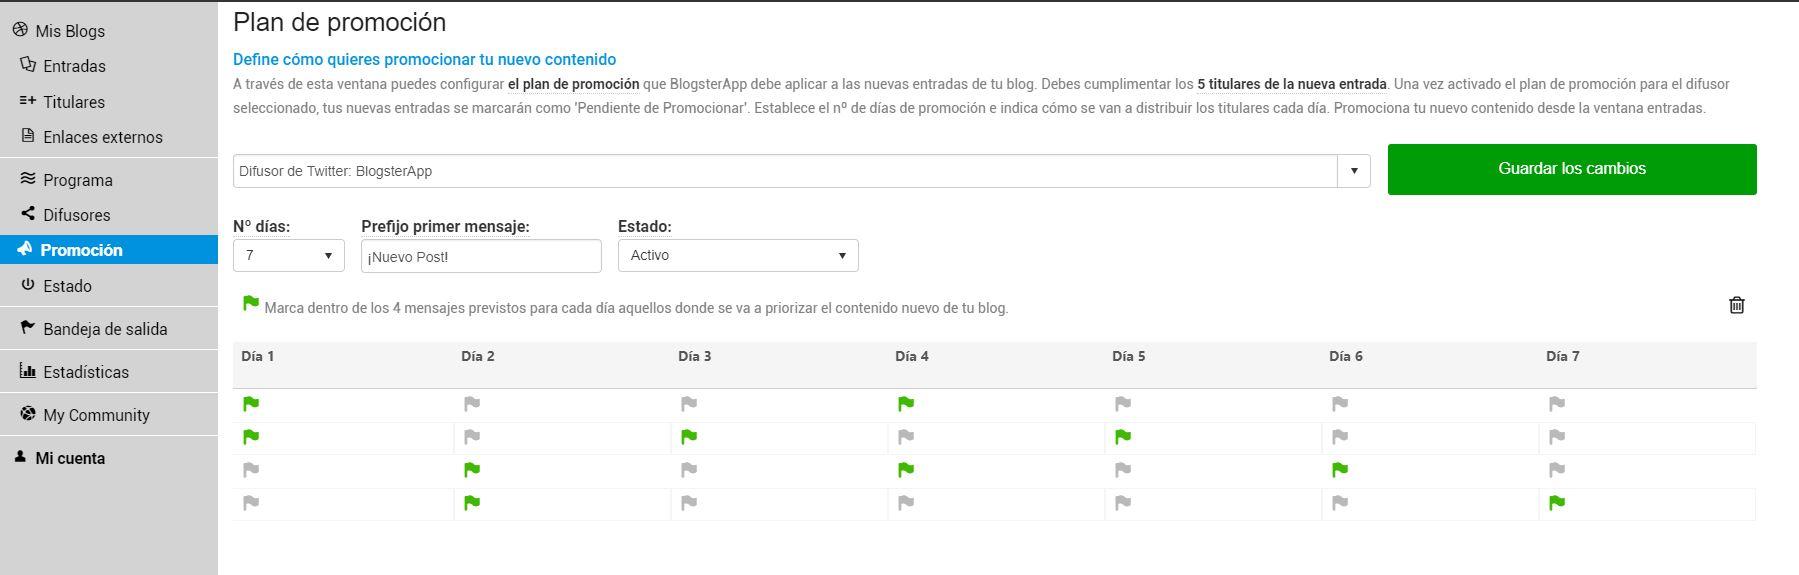 Cómo configurar el plan de promoción de BlogsterApp para aumentar el tráfico a tu blog